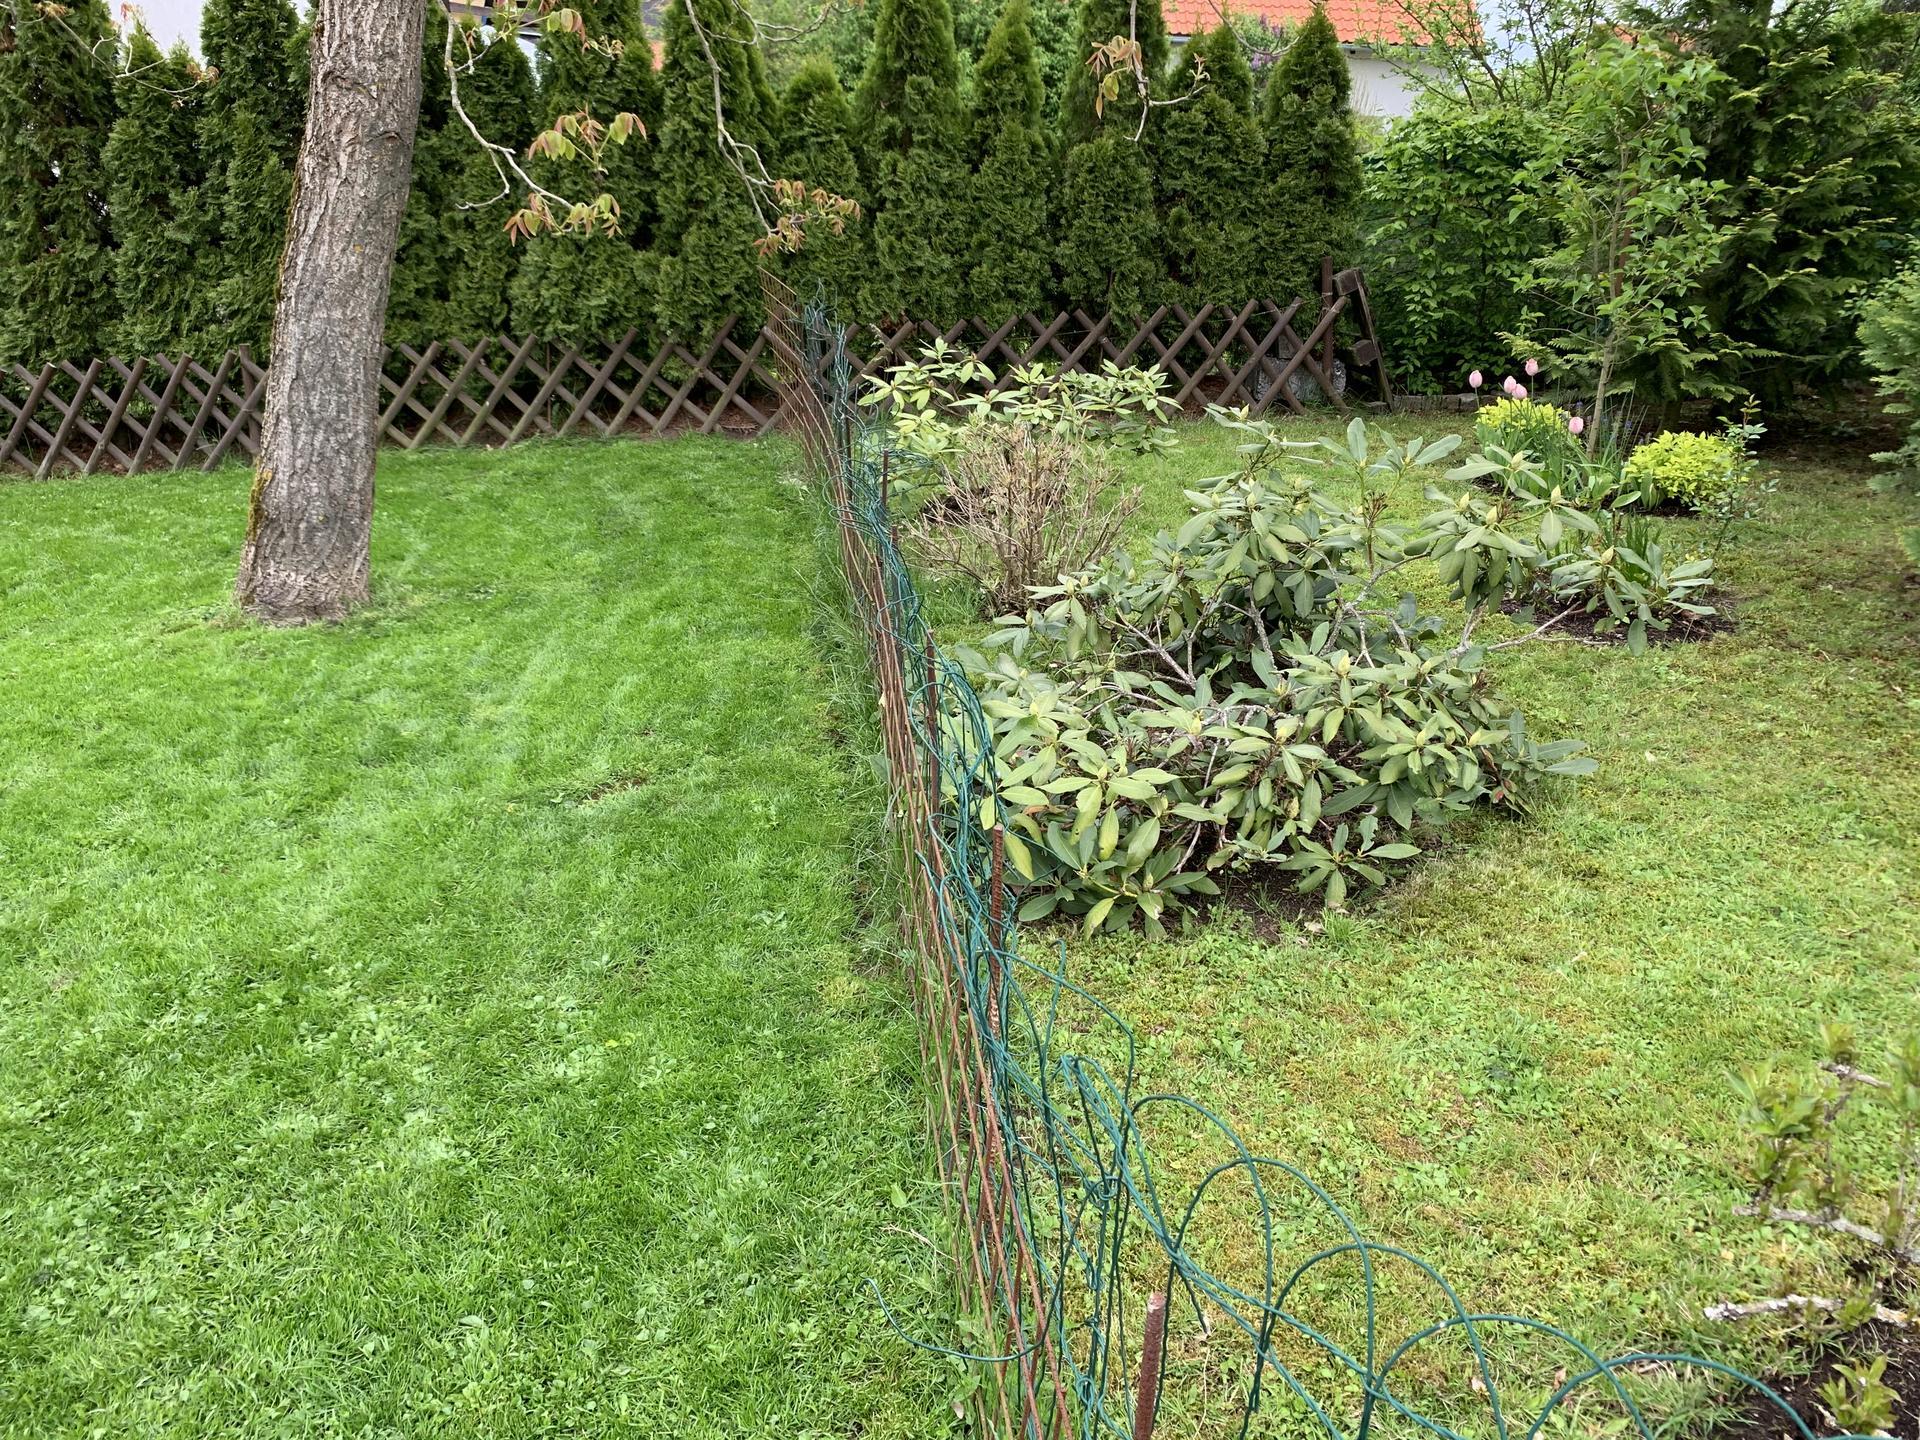 Chápu,že pro většinu lidí  je to běžný,ale pro nás skoro zázrak...my máme za celé ty roky místy na zahradě první zelenou hmotu na zemi,co nazývám vznešeně trávou😉 😍konecně místa,kam se dá sednout,položit deka,chodit po tom,si příjdu jak v ráji😆..věnovala jsem tomu přesně měsíc času,ale stálo to ta to a příští rok si to určitě zopáknu... - Rozdíl mezi částí s péčí a bez...